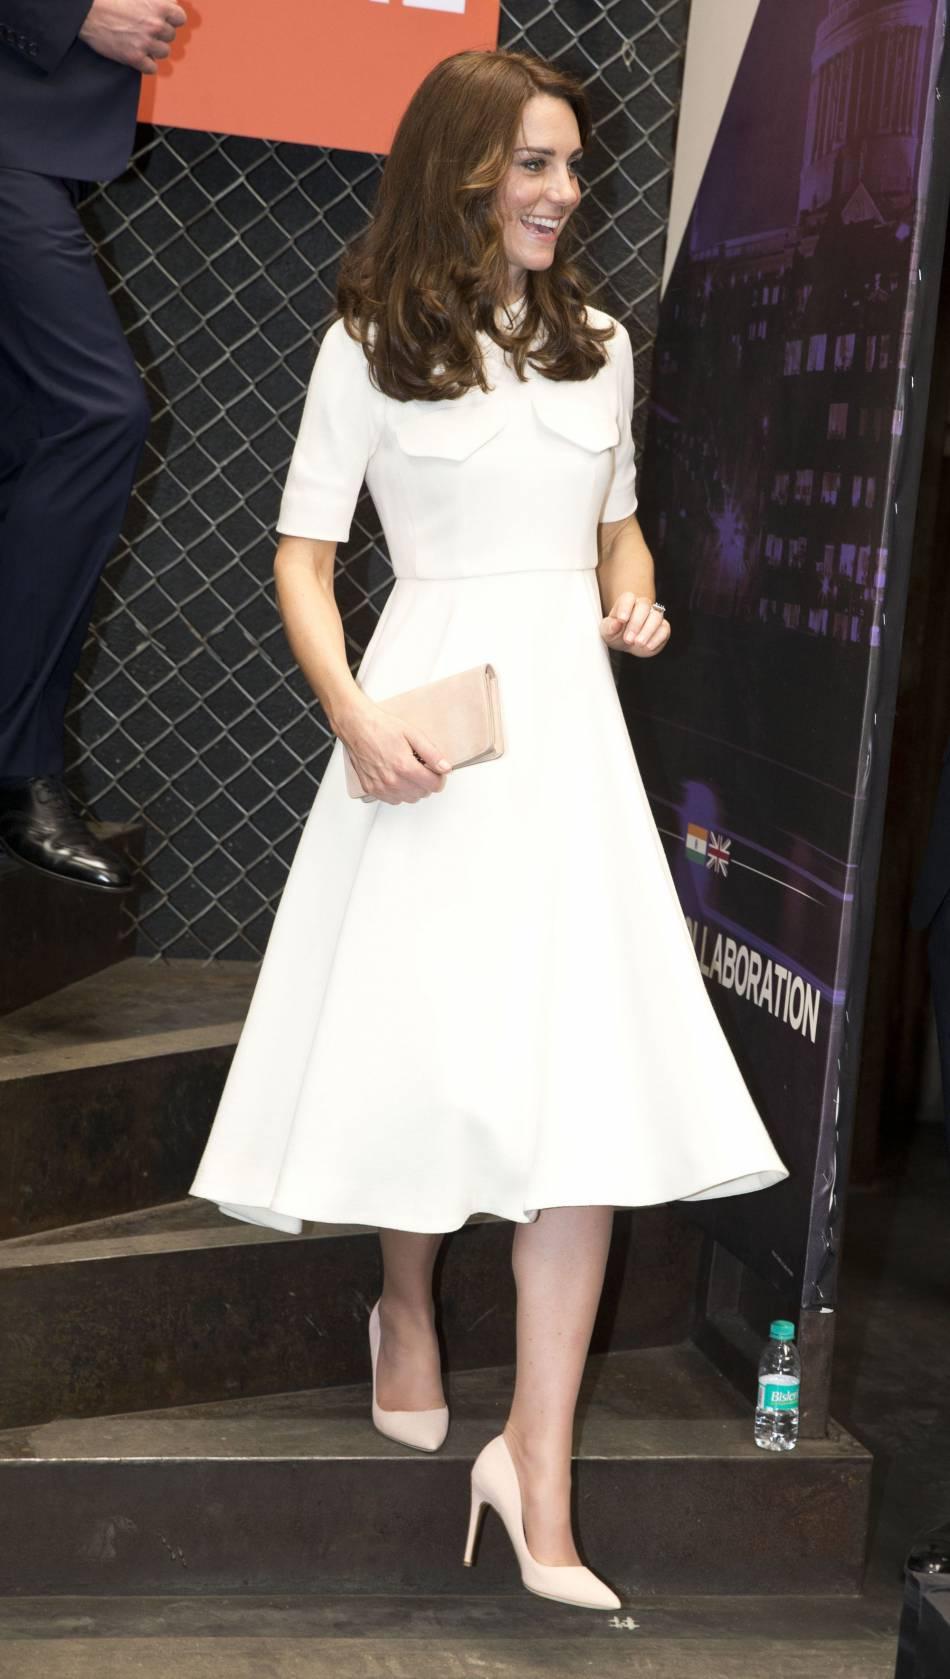 Kate Middleton dans une ravissante robe blanche signée Emilia Wickstead. Un look peut-être un peu trop sage.